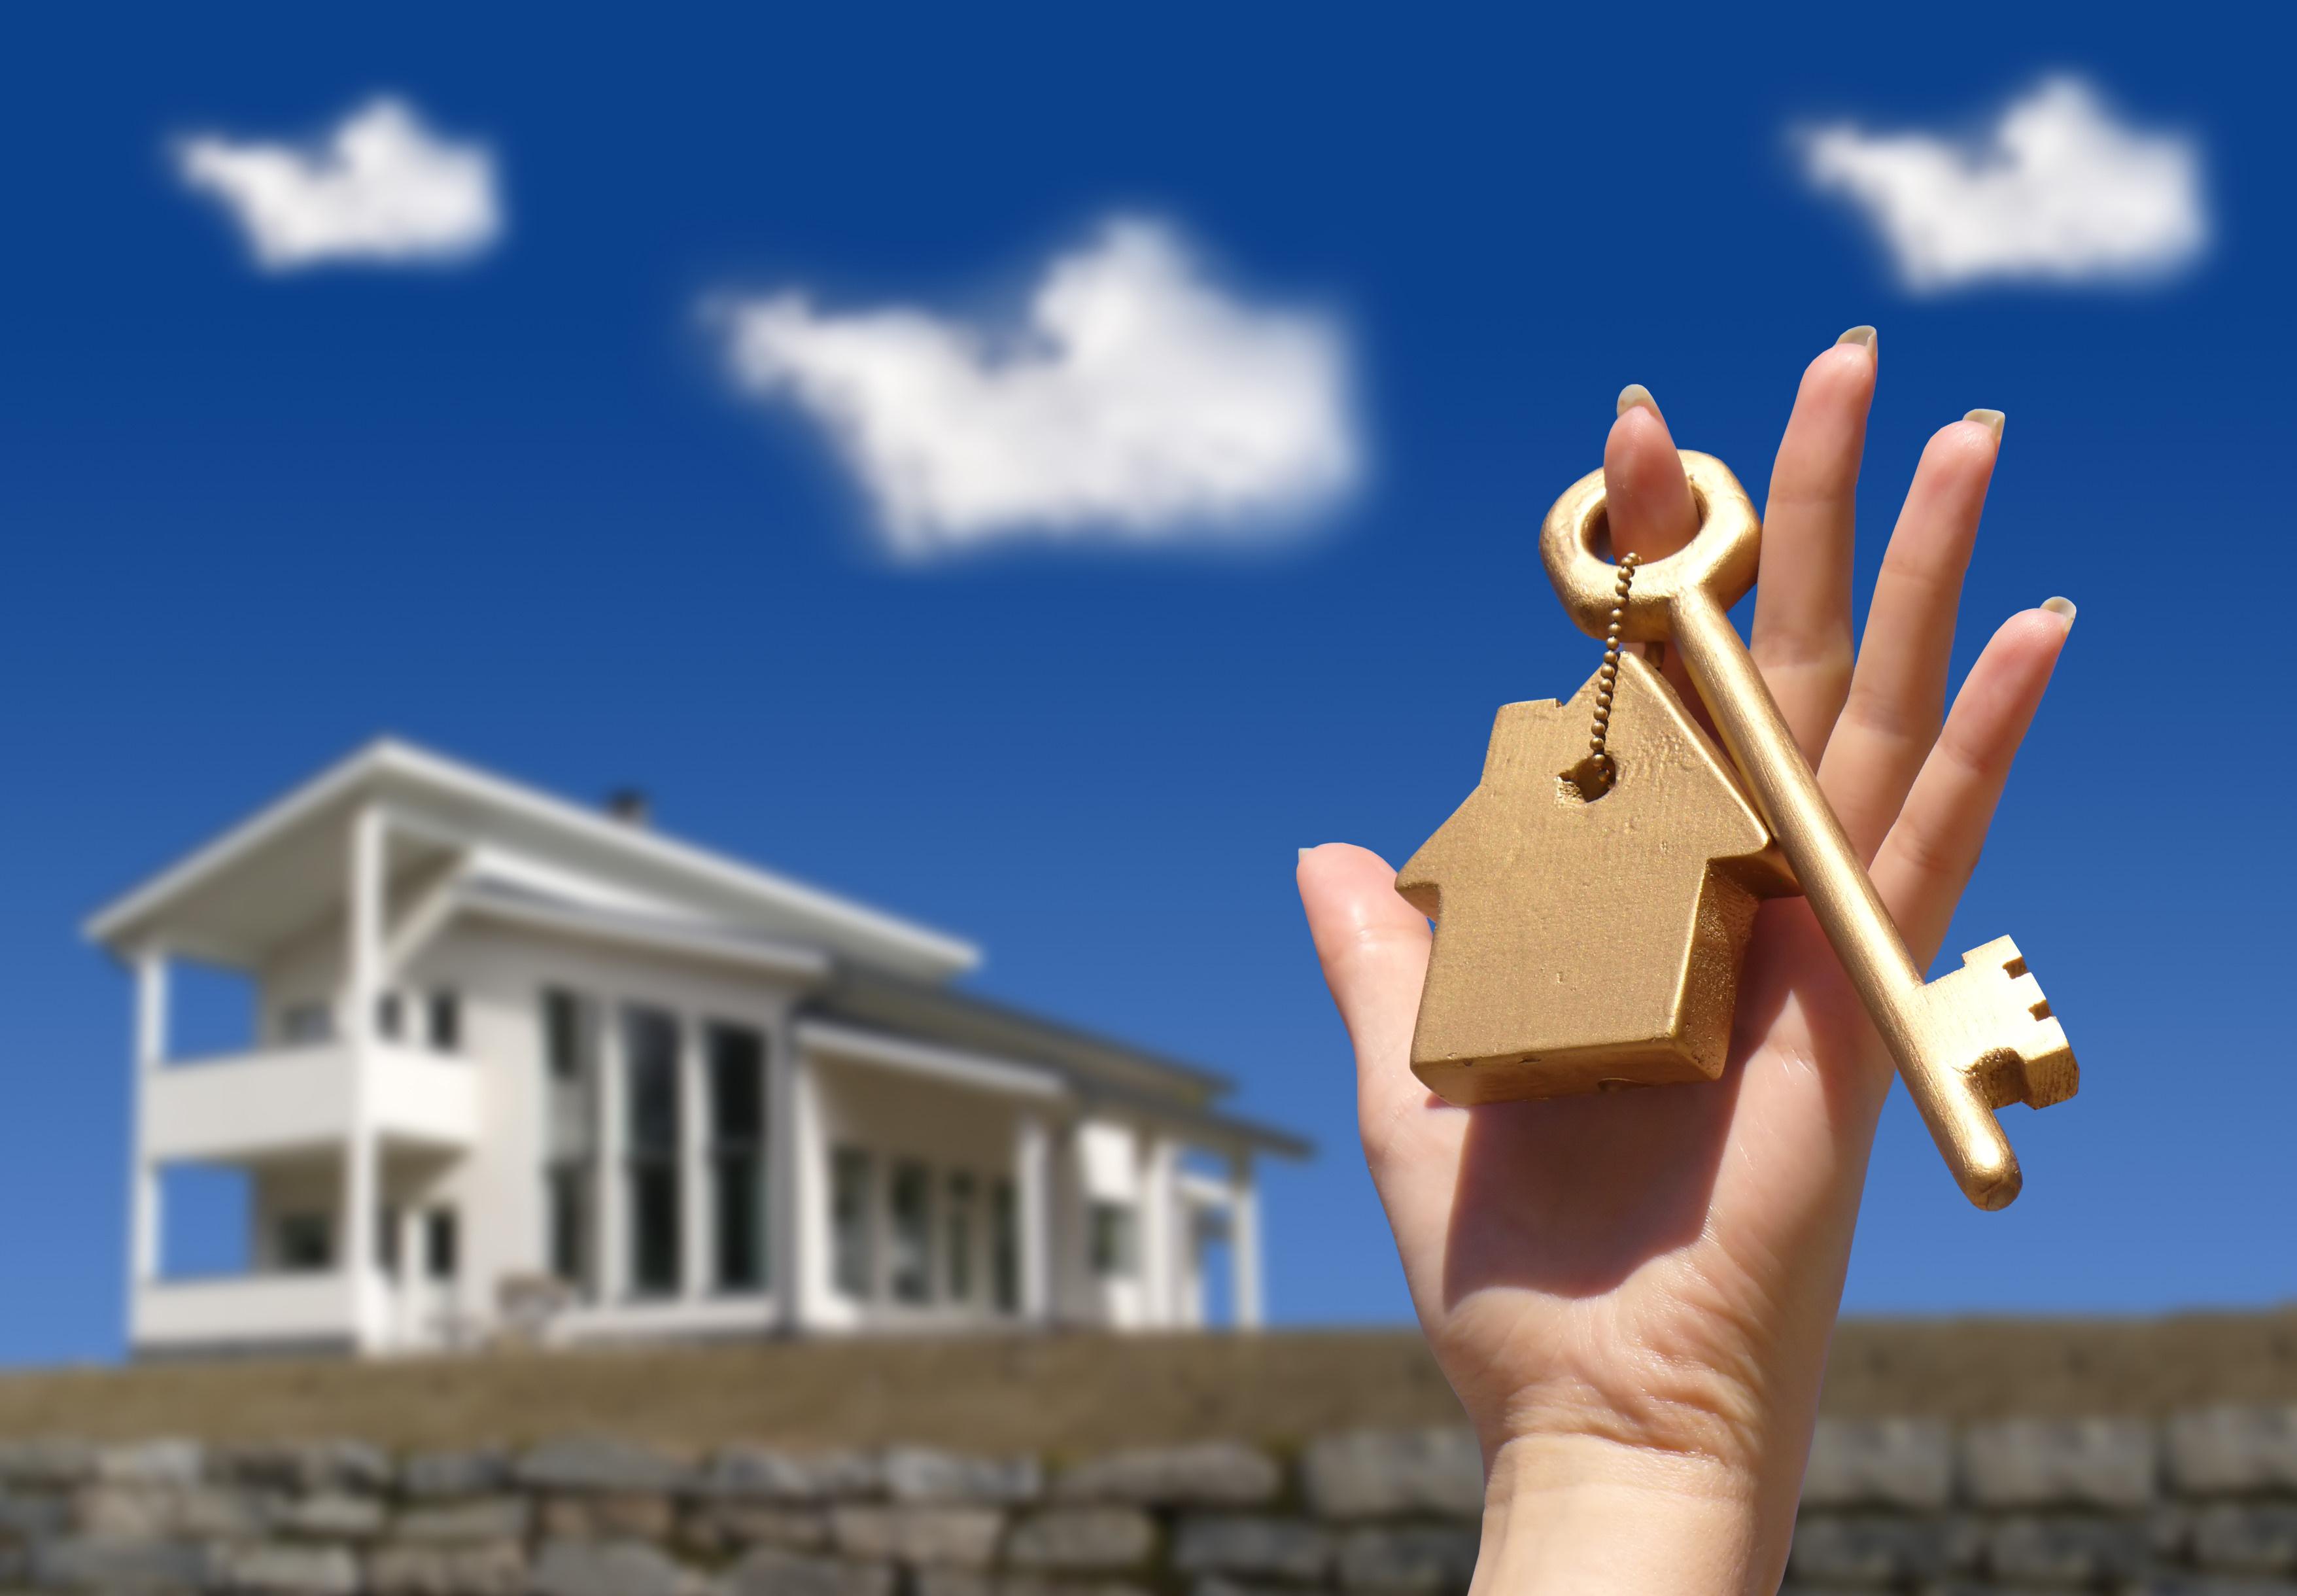 immobilier immobilier Est-ce rentable d'investir dans l'immobilier ? immobilier photo